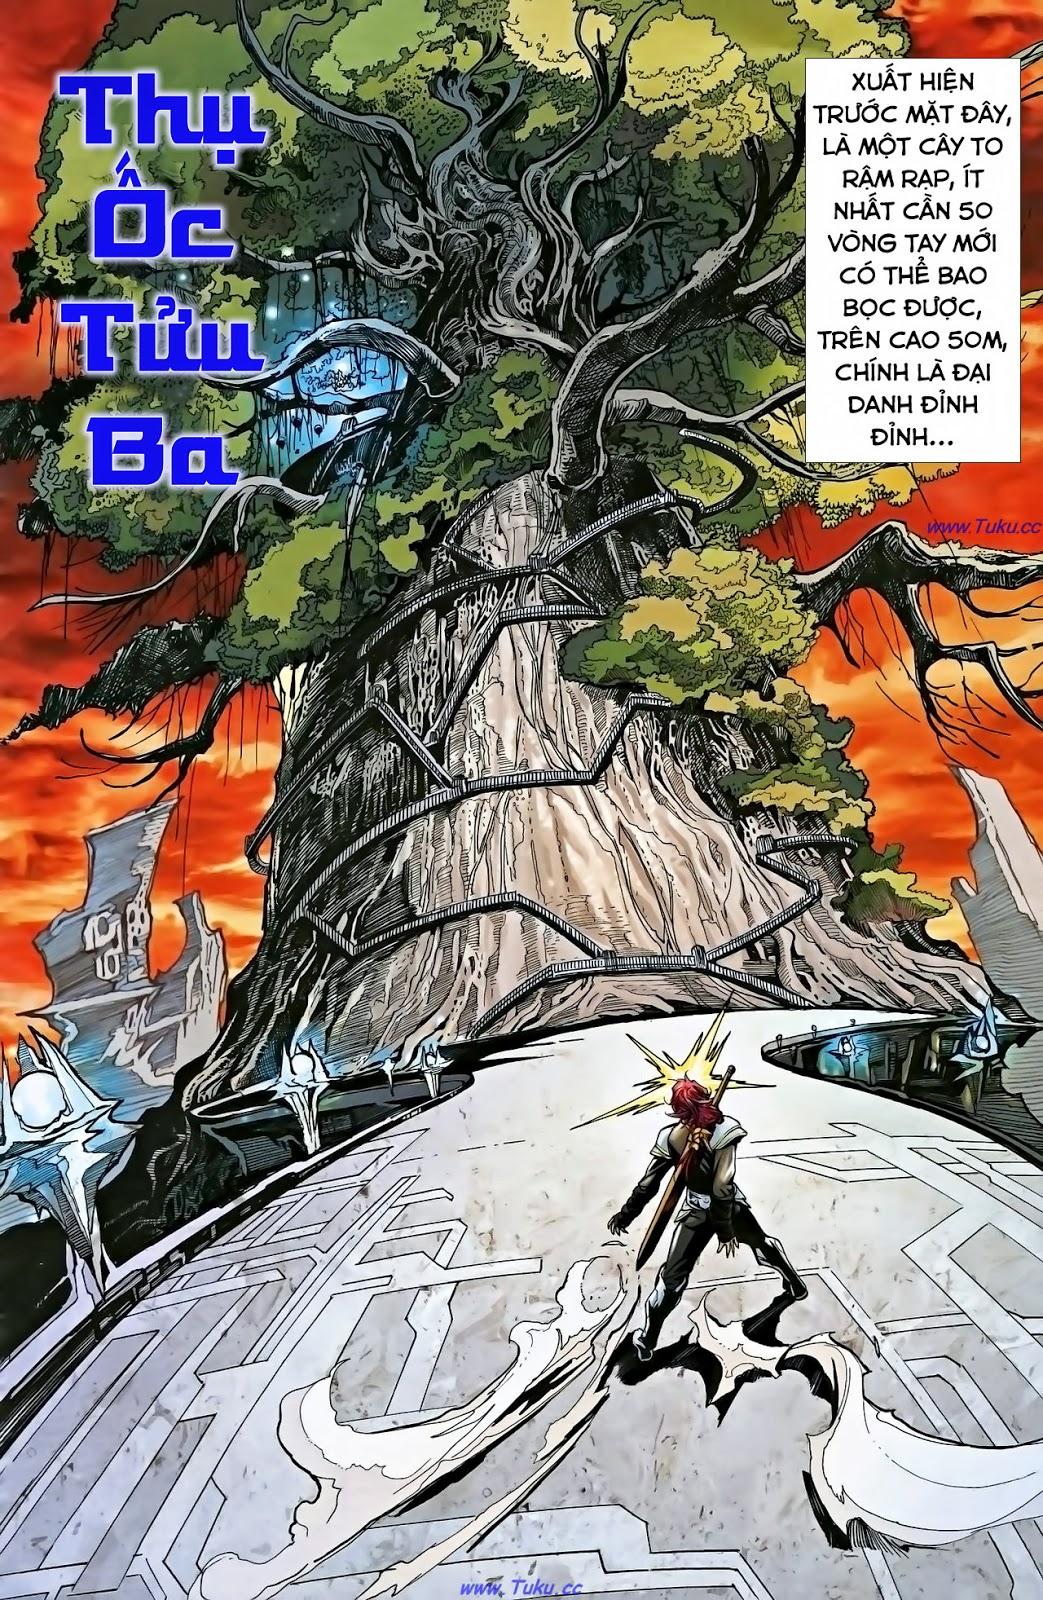 Dong Binh Thiên Hạ Chapter 1 - Trang 8